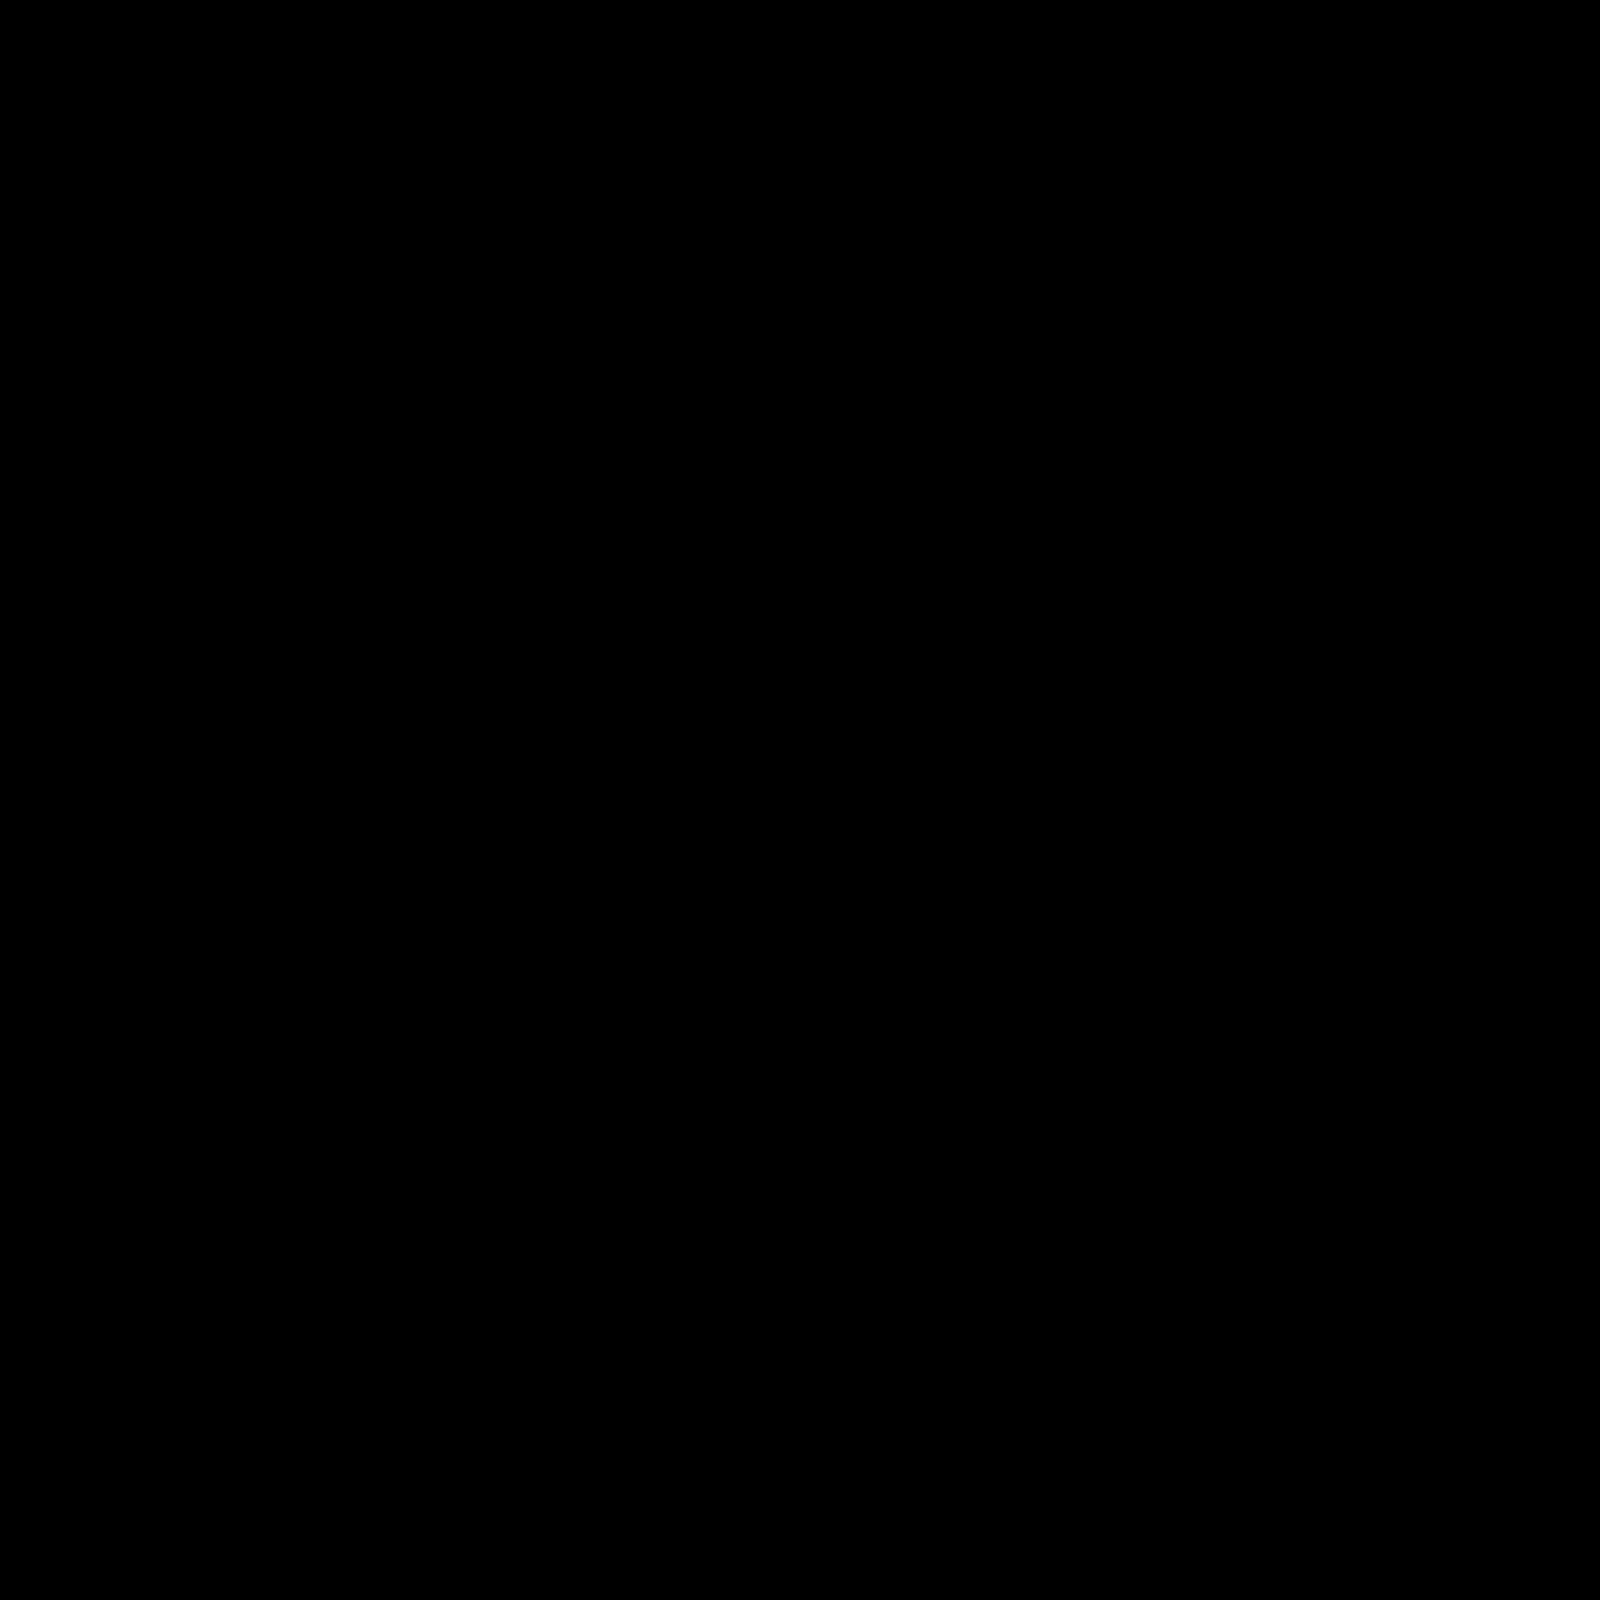 Лихорадка icon